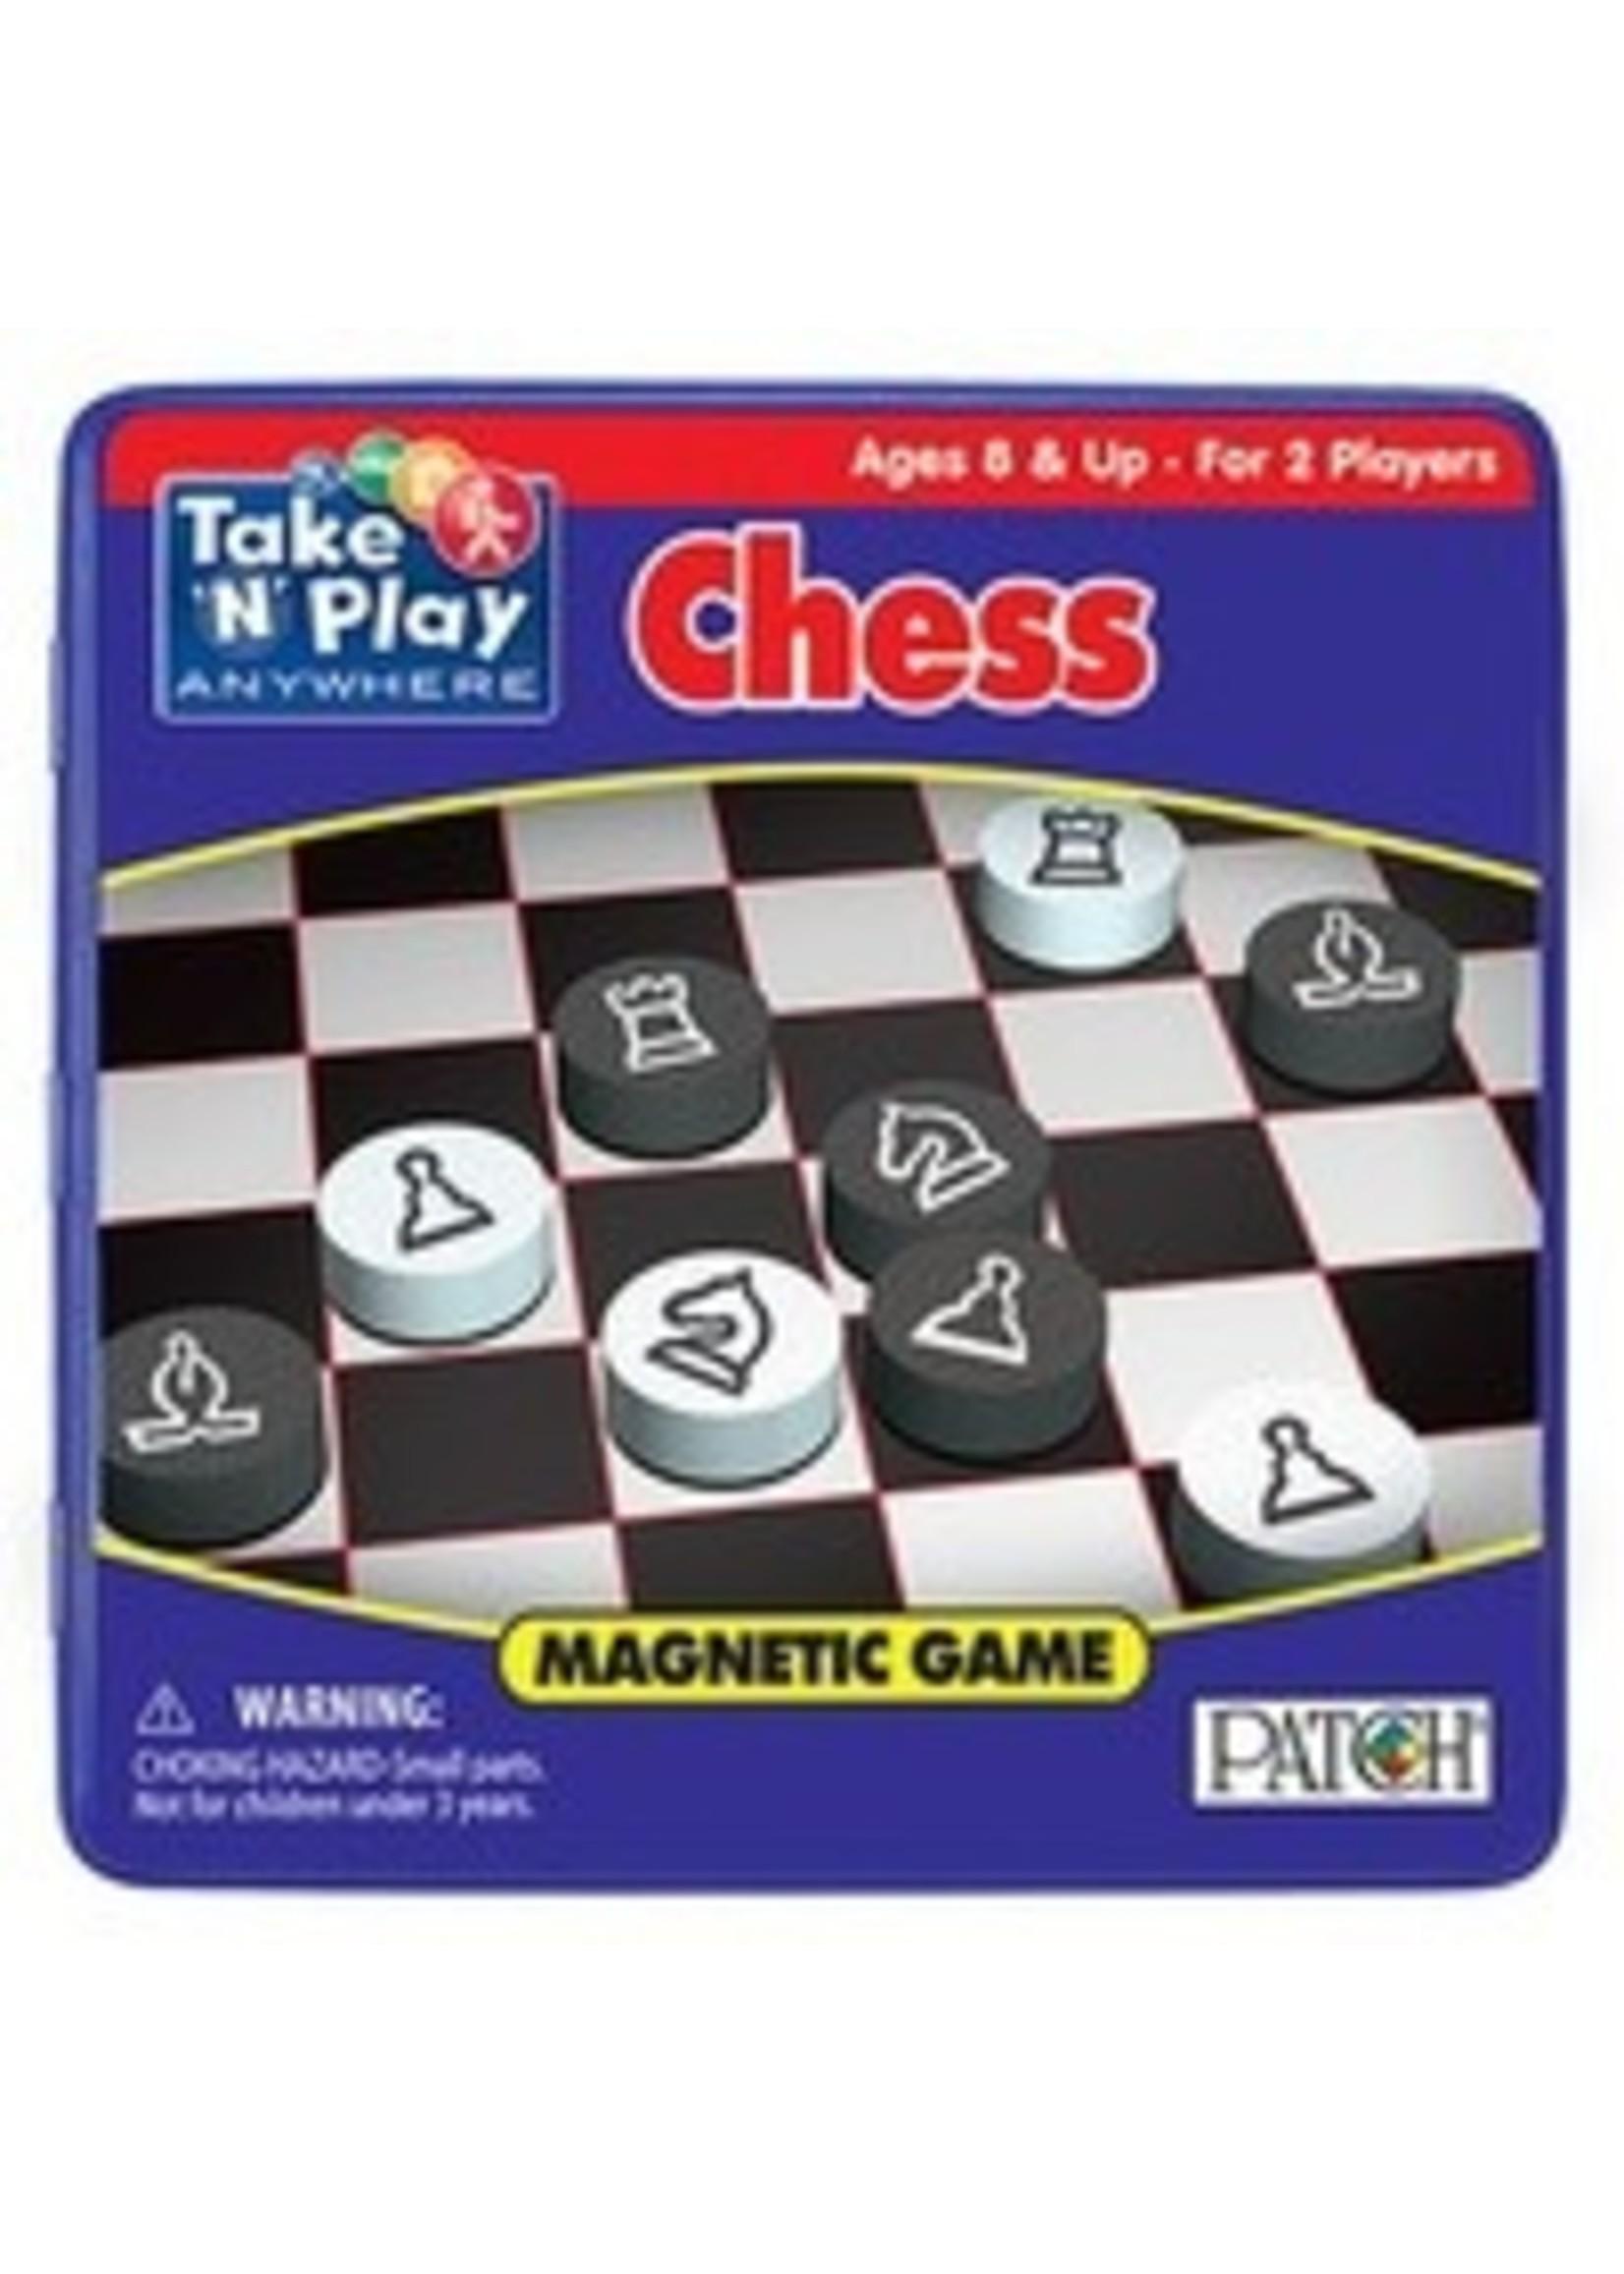 Take N Play Anywhere: Chess